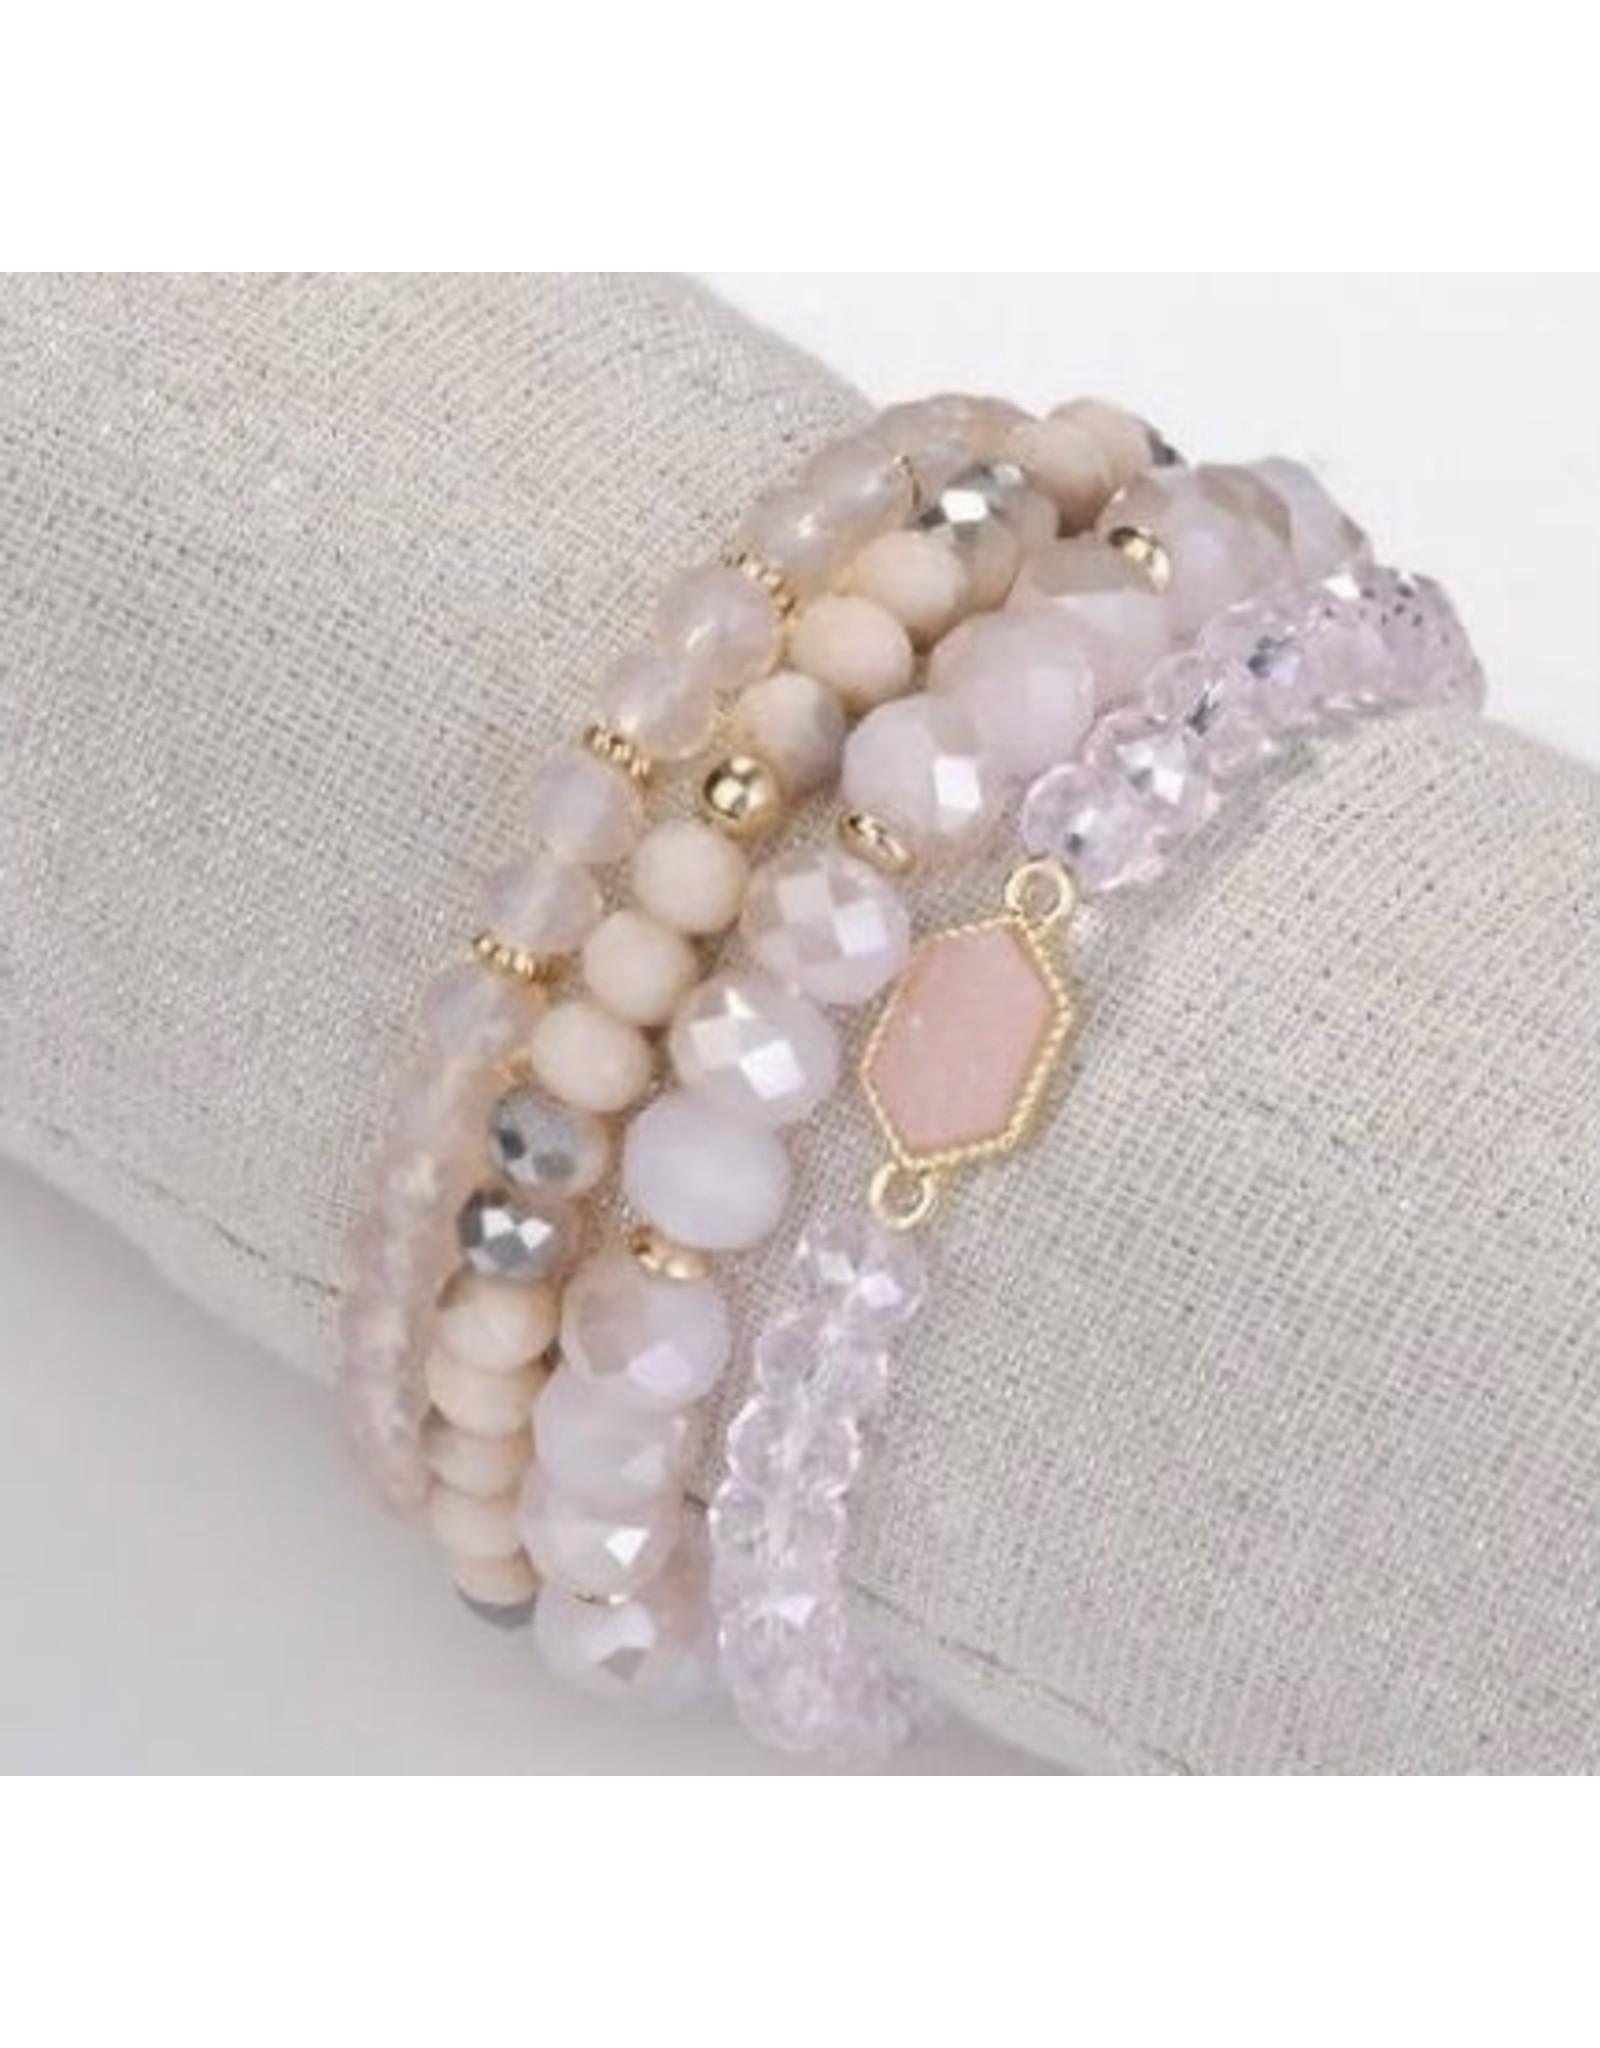 Alibaba/ Danny Wu BLUSHING Bracelet Set